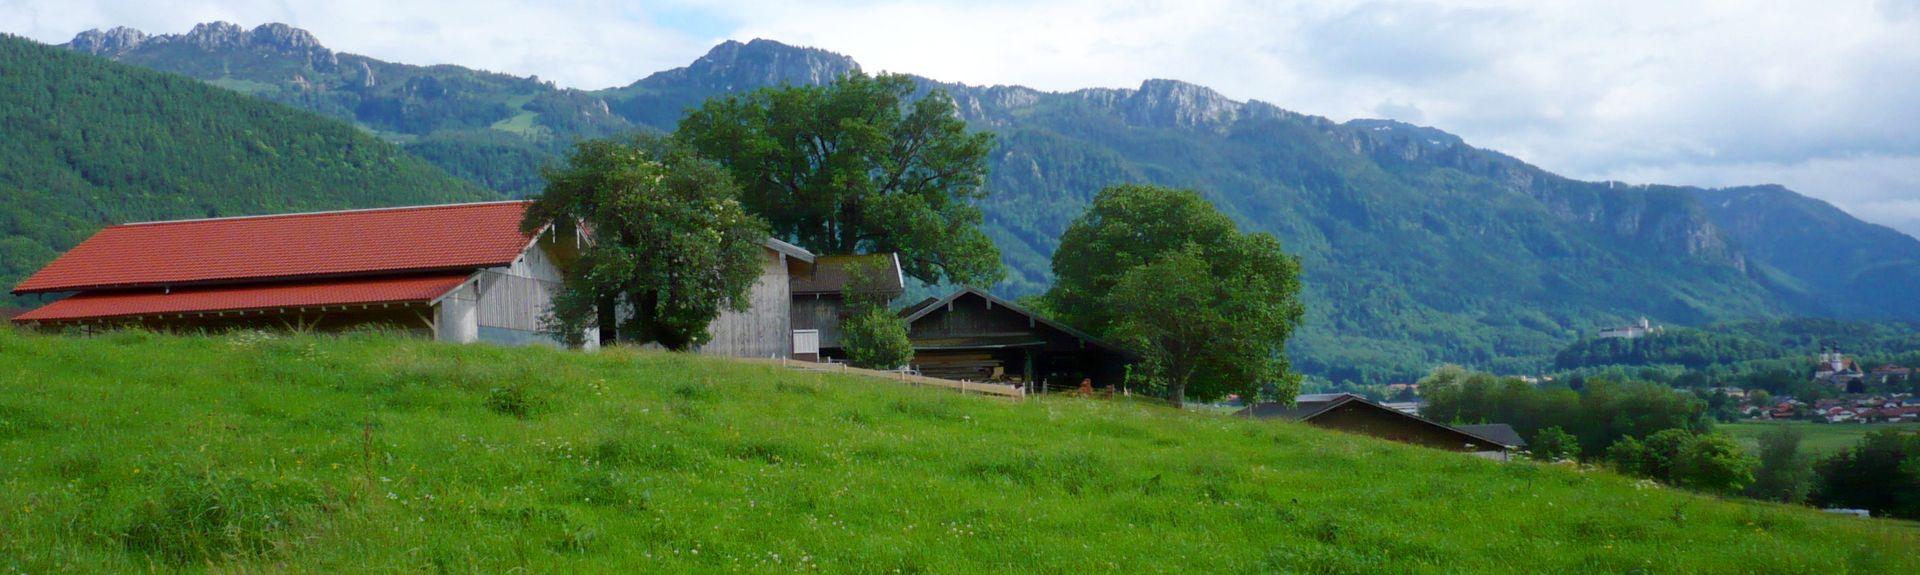 Bad Aibling, Bavière, Allemagne